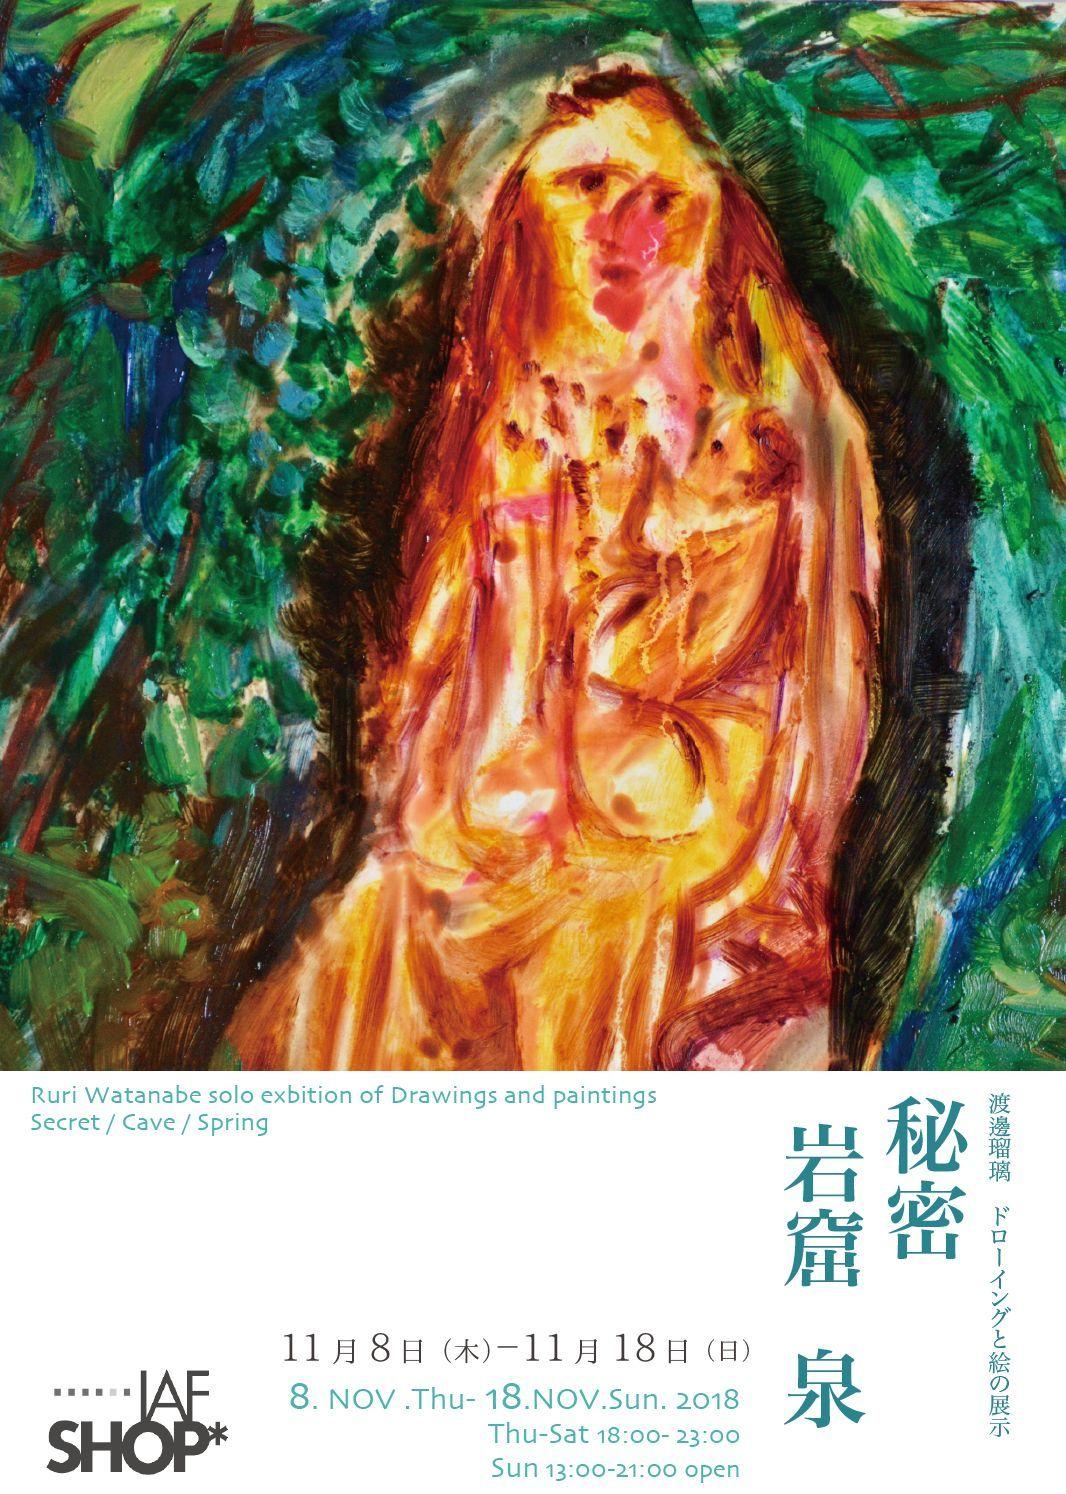 渡邊瑠璃展覧会「秘密 岩窟 泉」_f0190988_00430271.jpg